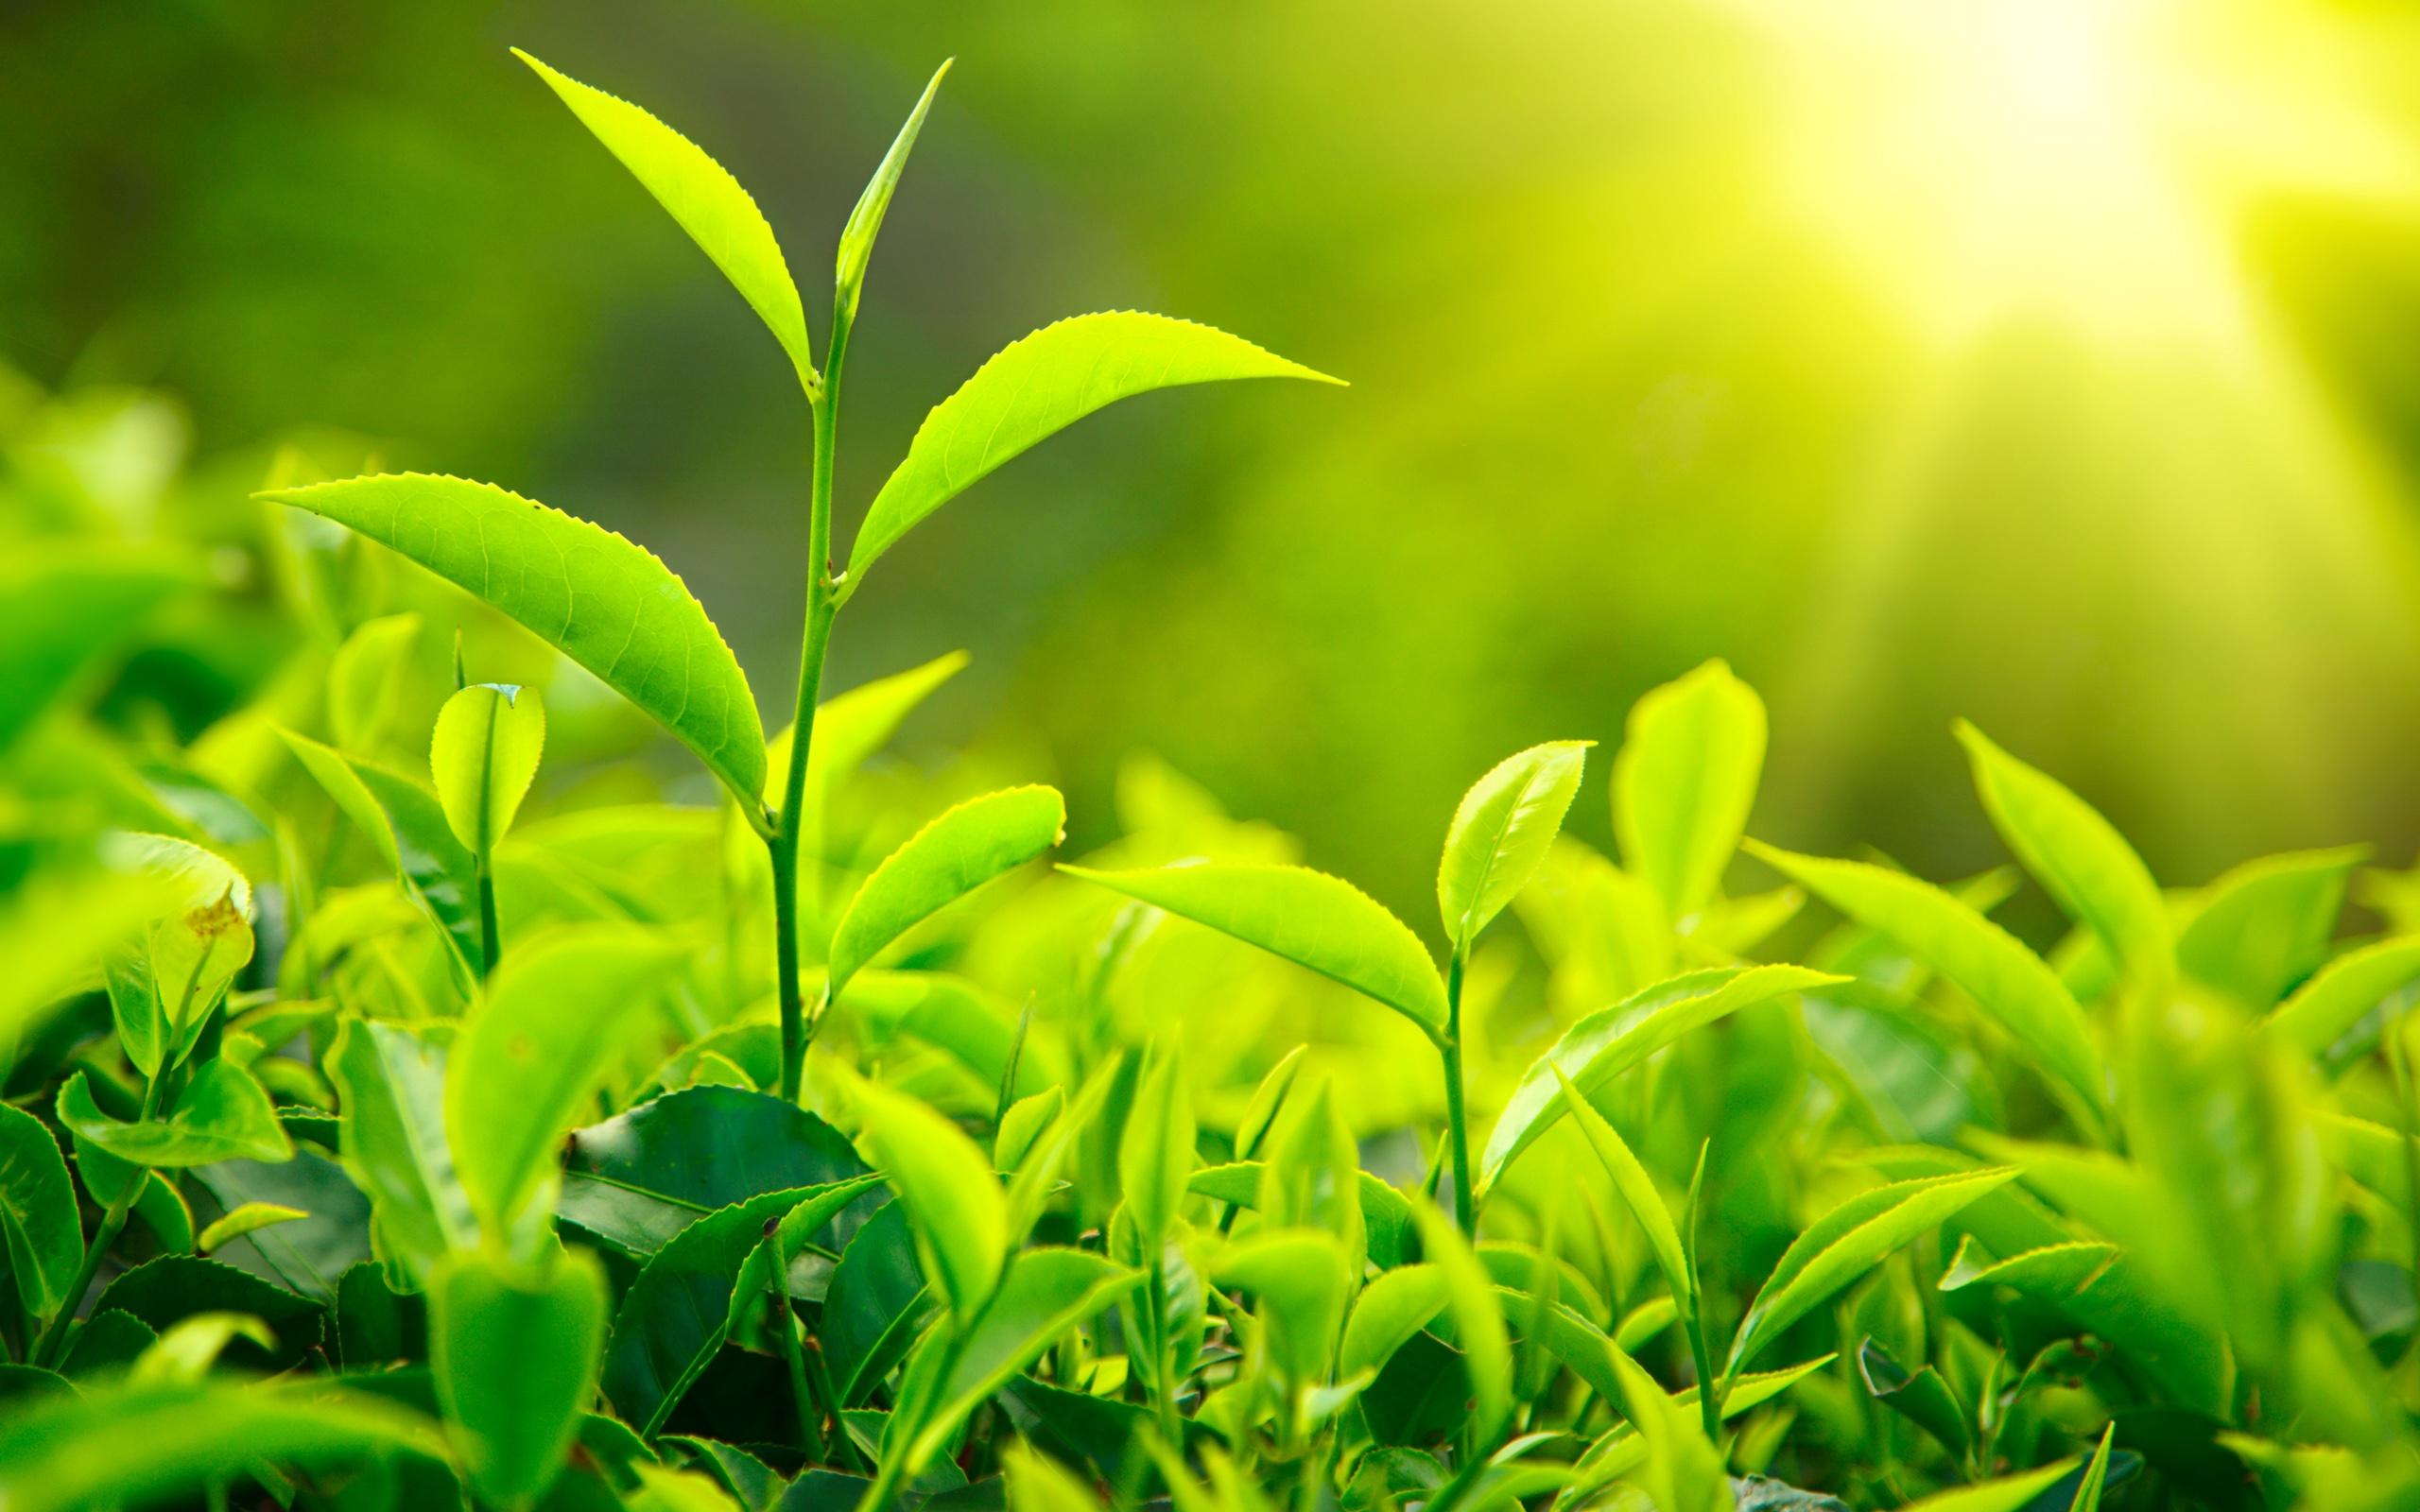 fresh-green-tea-leaves-sunlight_2560x1600